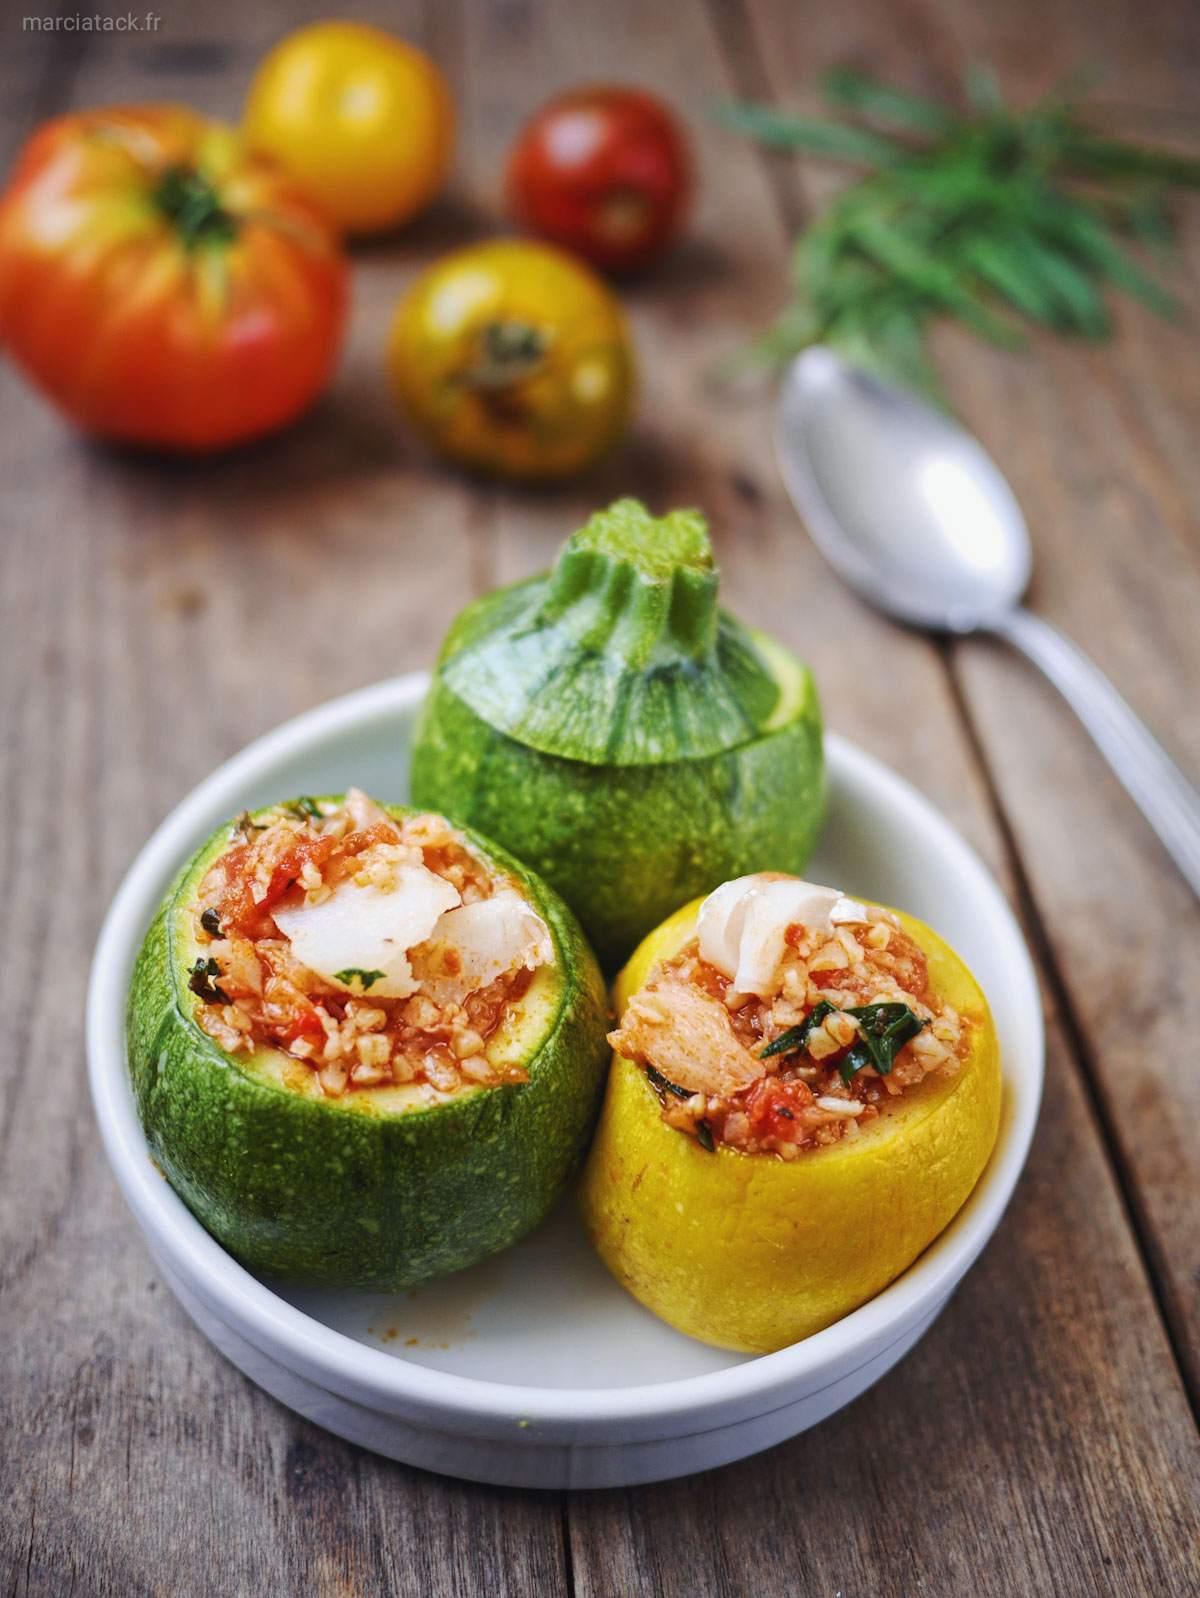 courgettes farcies au poisson et à la sauce tomate